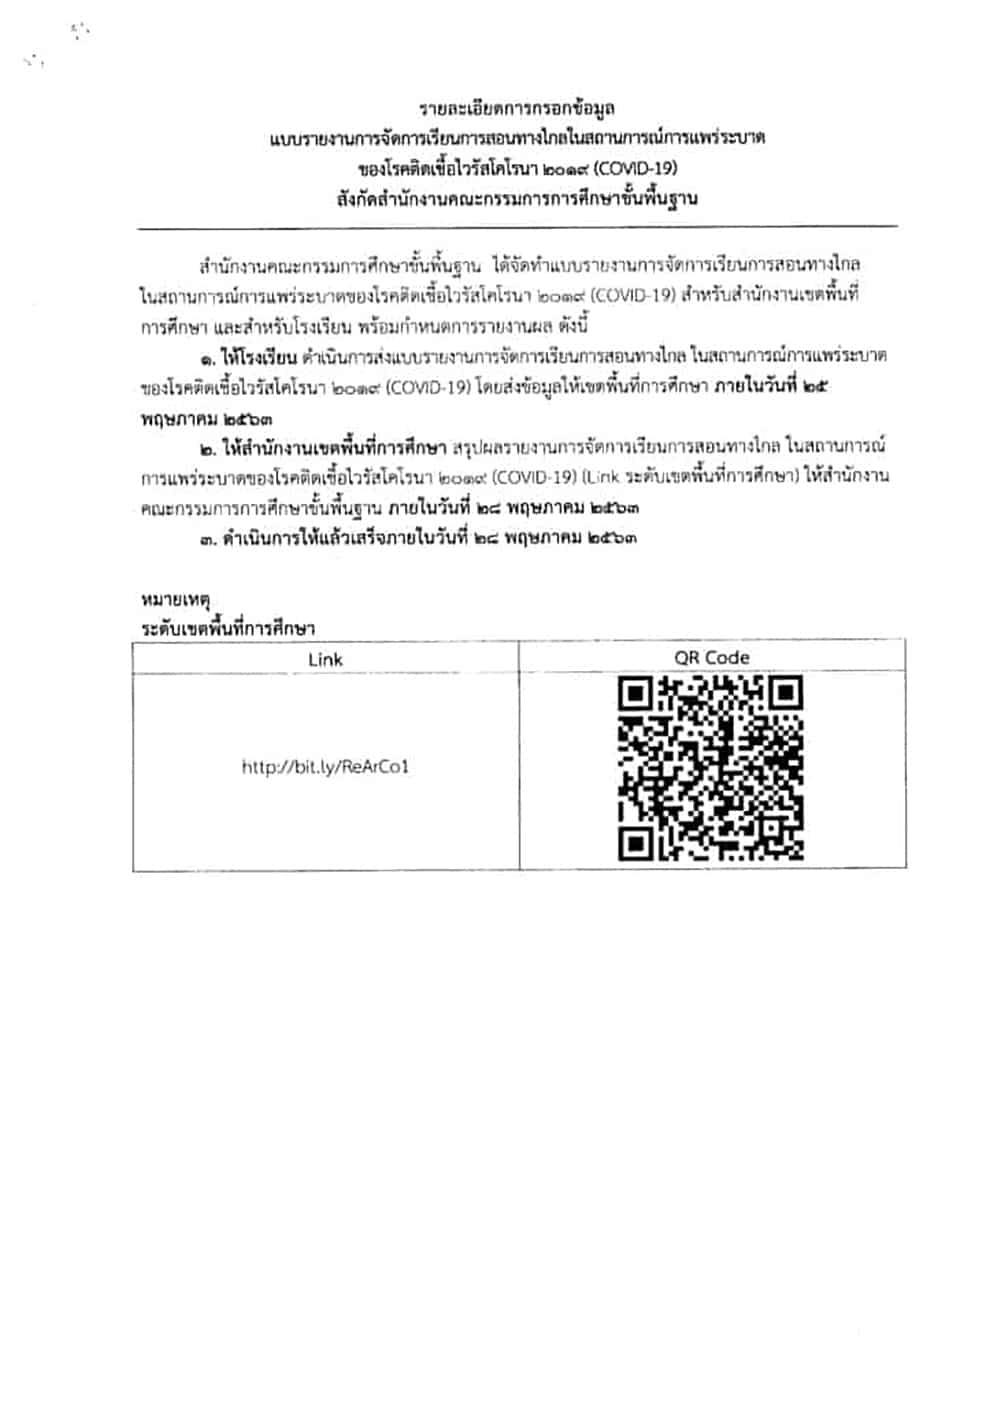 ด่วนที่สุด!! สพฐ.สั่งทุกโรงเรียนรายงานการจัดการเรียนการสอนทางวไกลฯ ภายใน 25 พฤษภาคม 2563